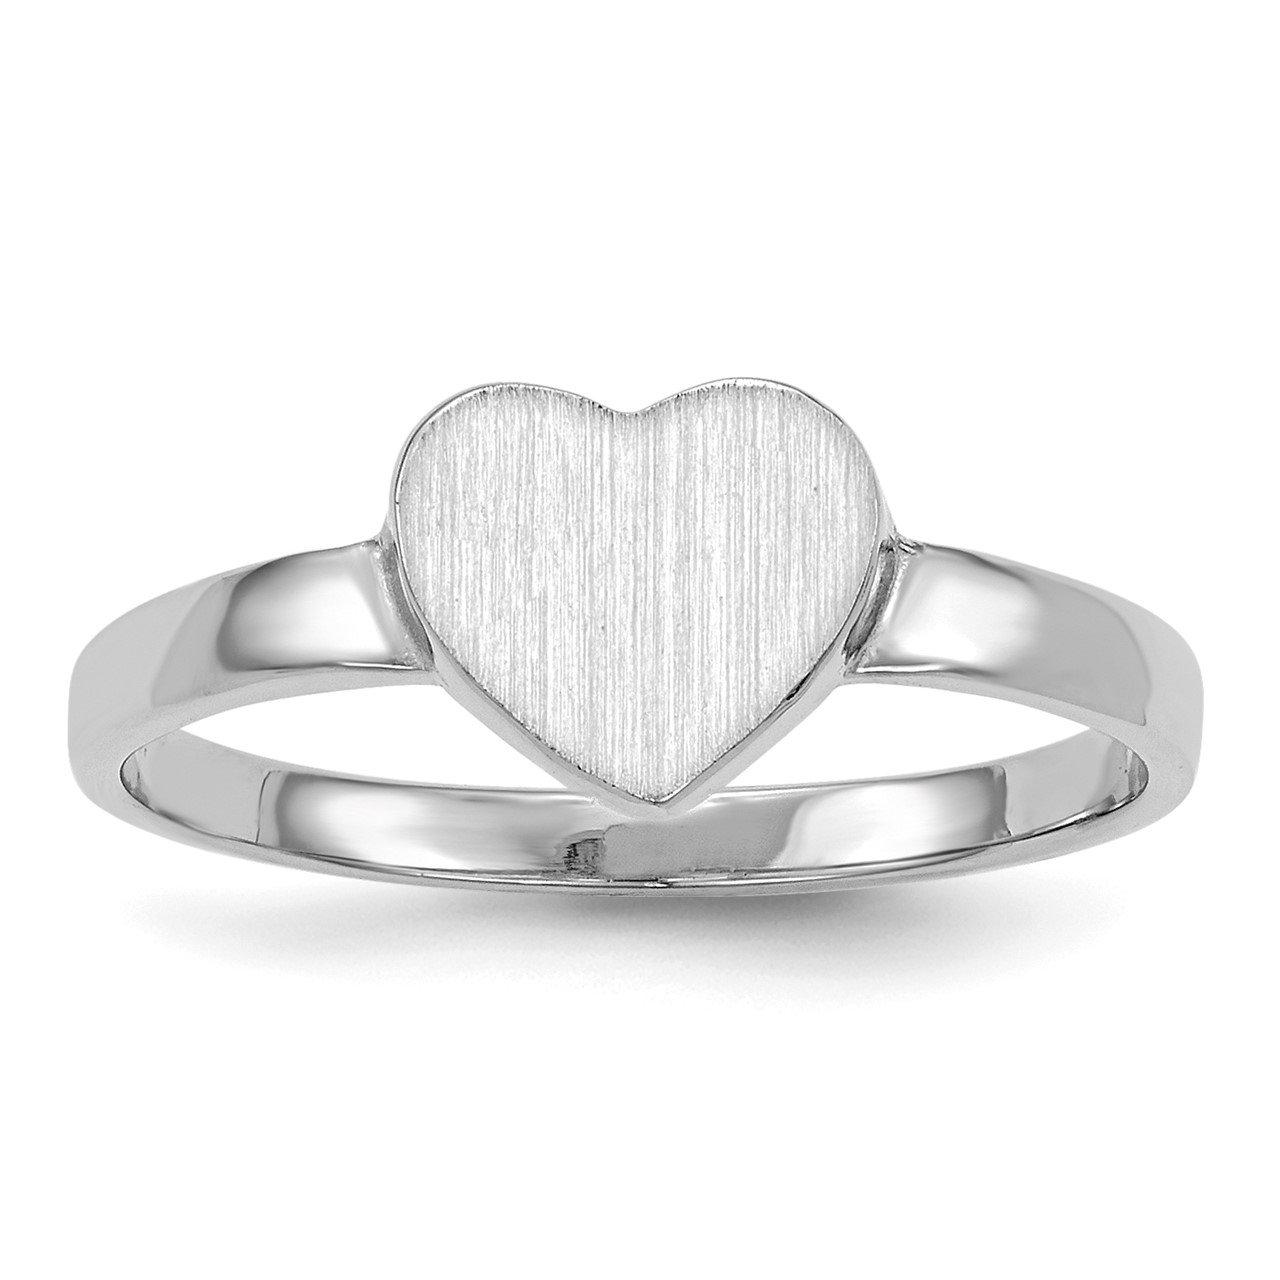 14k White Gold 7.0x7.5mm Open Back Heart Signet Ring